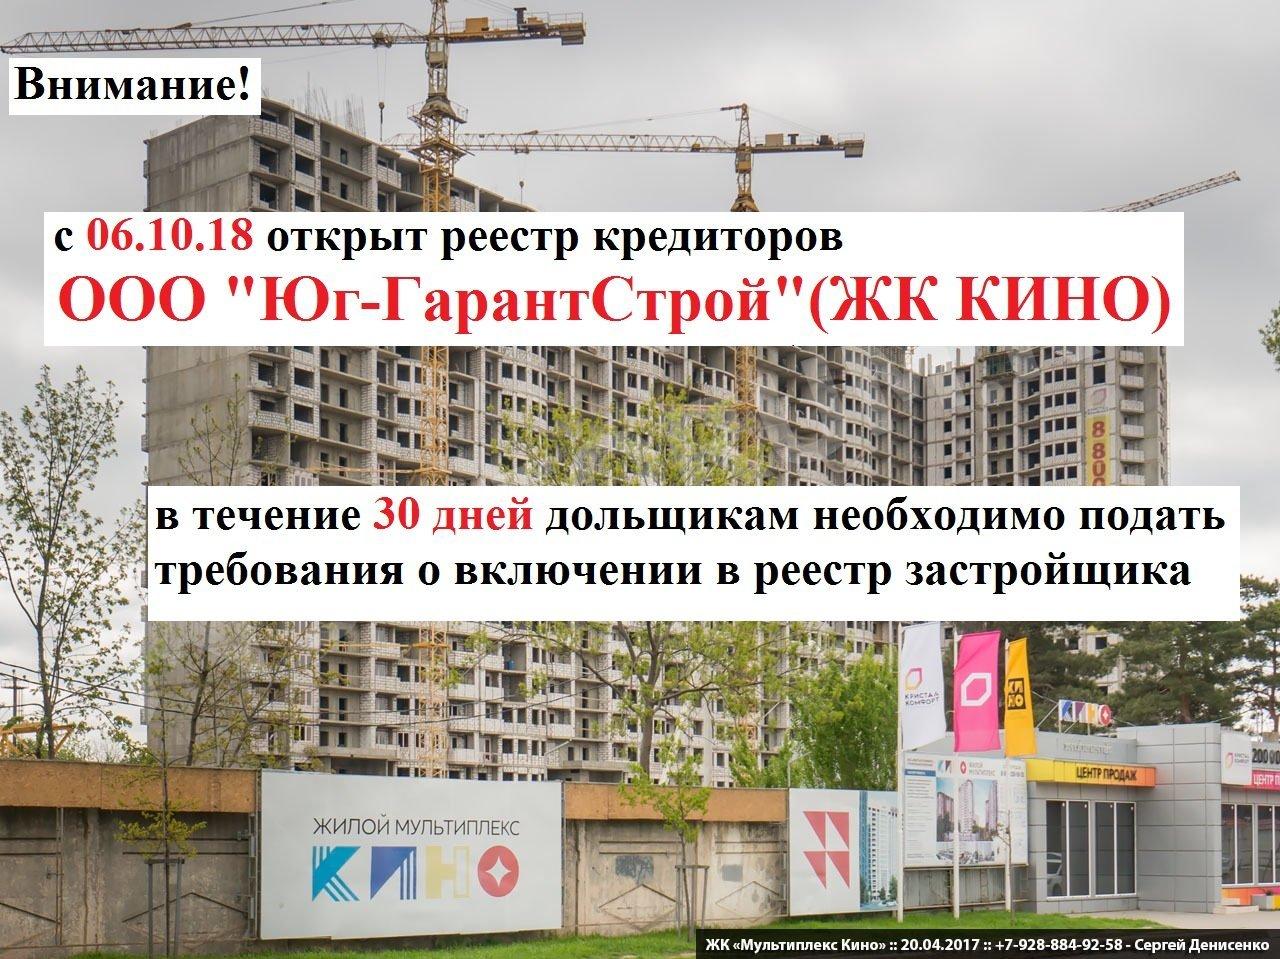 Открыт реестр кредиторов ЖК Кино застройщик ООО Юг-ГарантСтрой, Краснодар